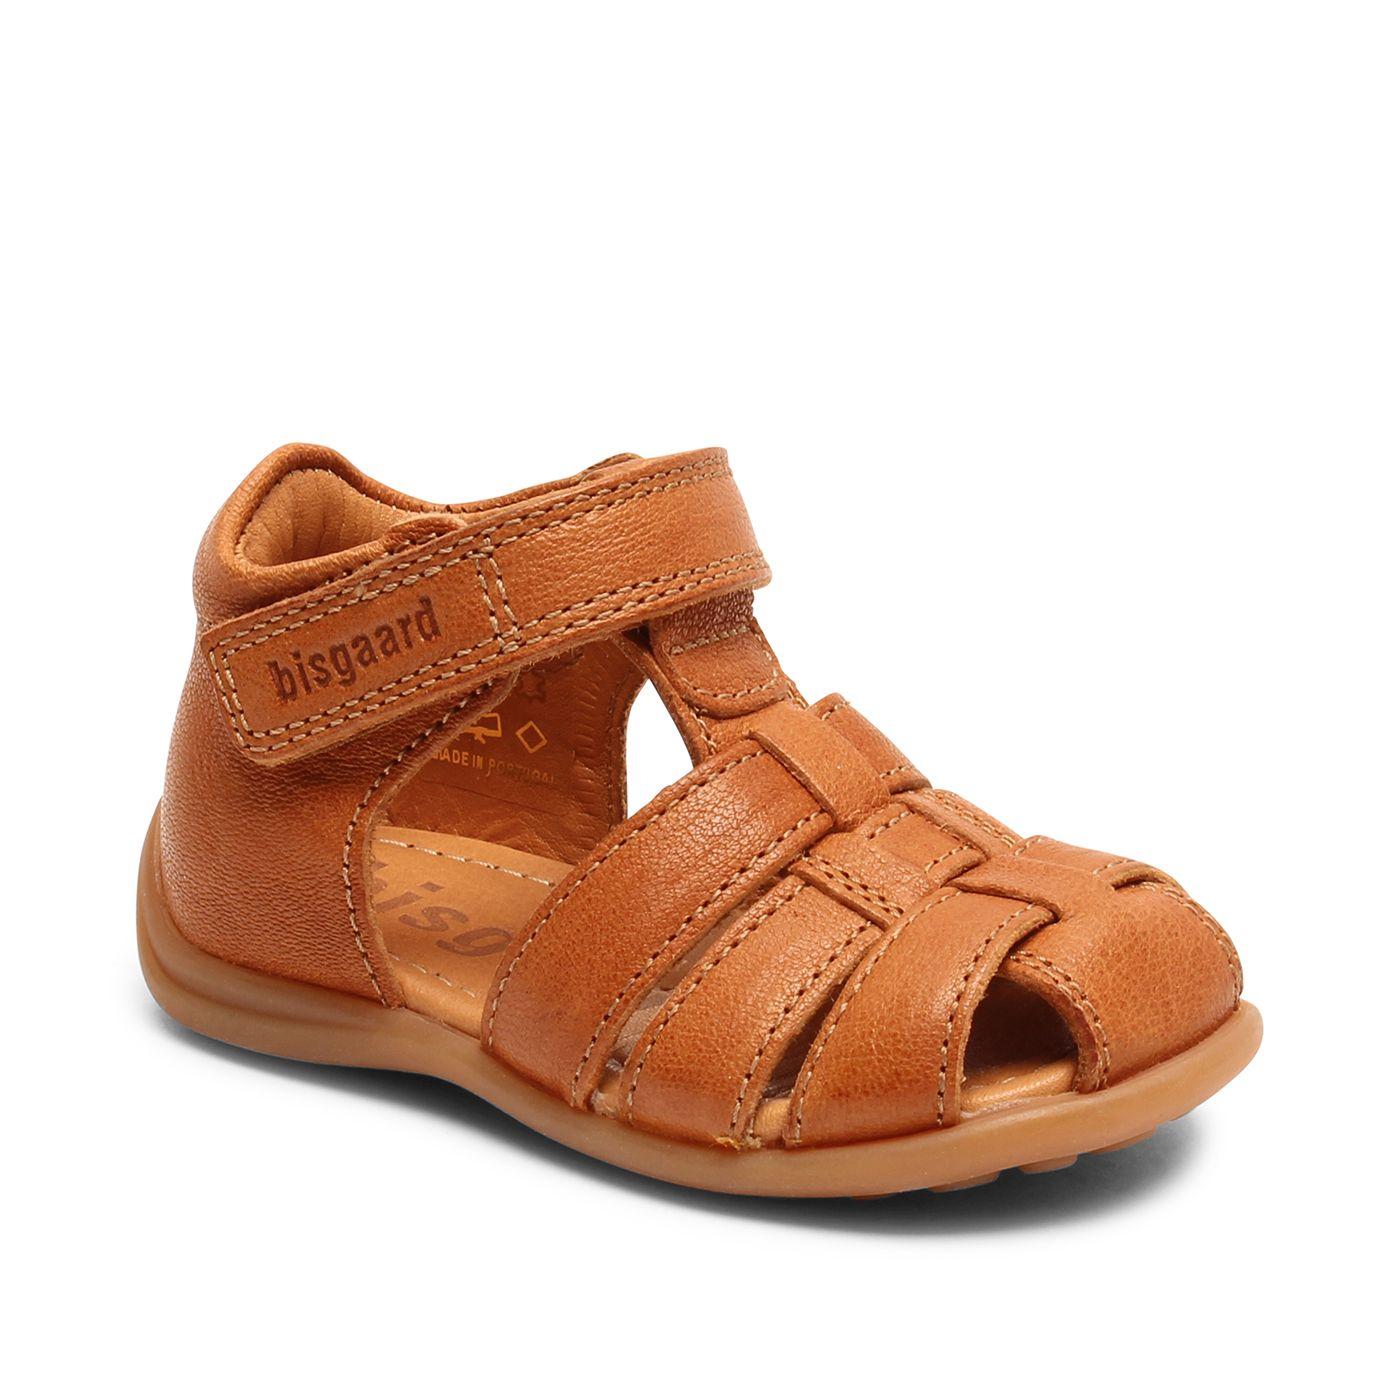 Bisgaard kožené sandály pro první krůčky 71206 - 1335